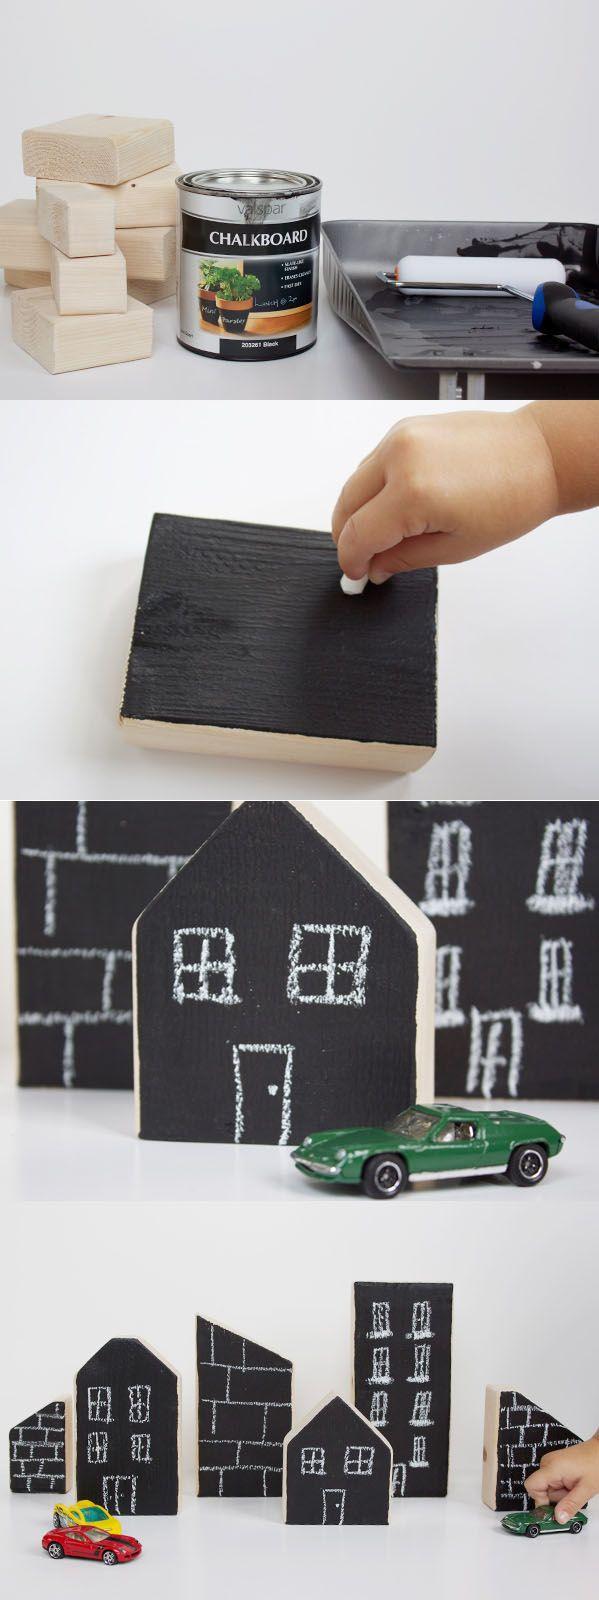 Blackboard-Chalkboard Tabuľová farba inšpi :-) - Obrázok č. 33